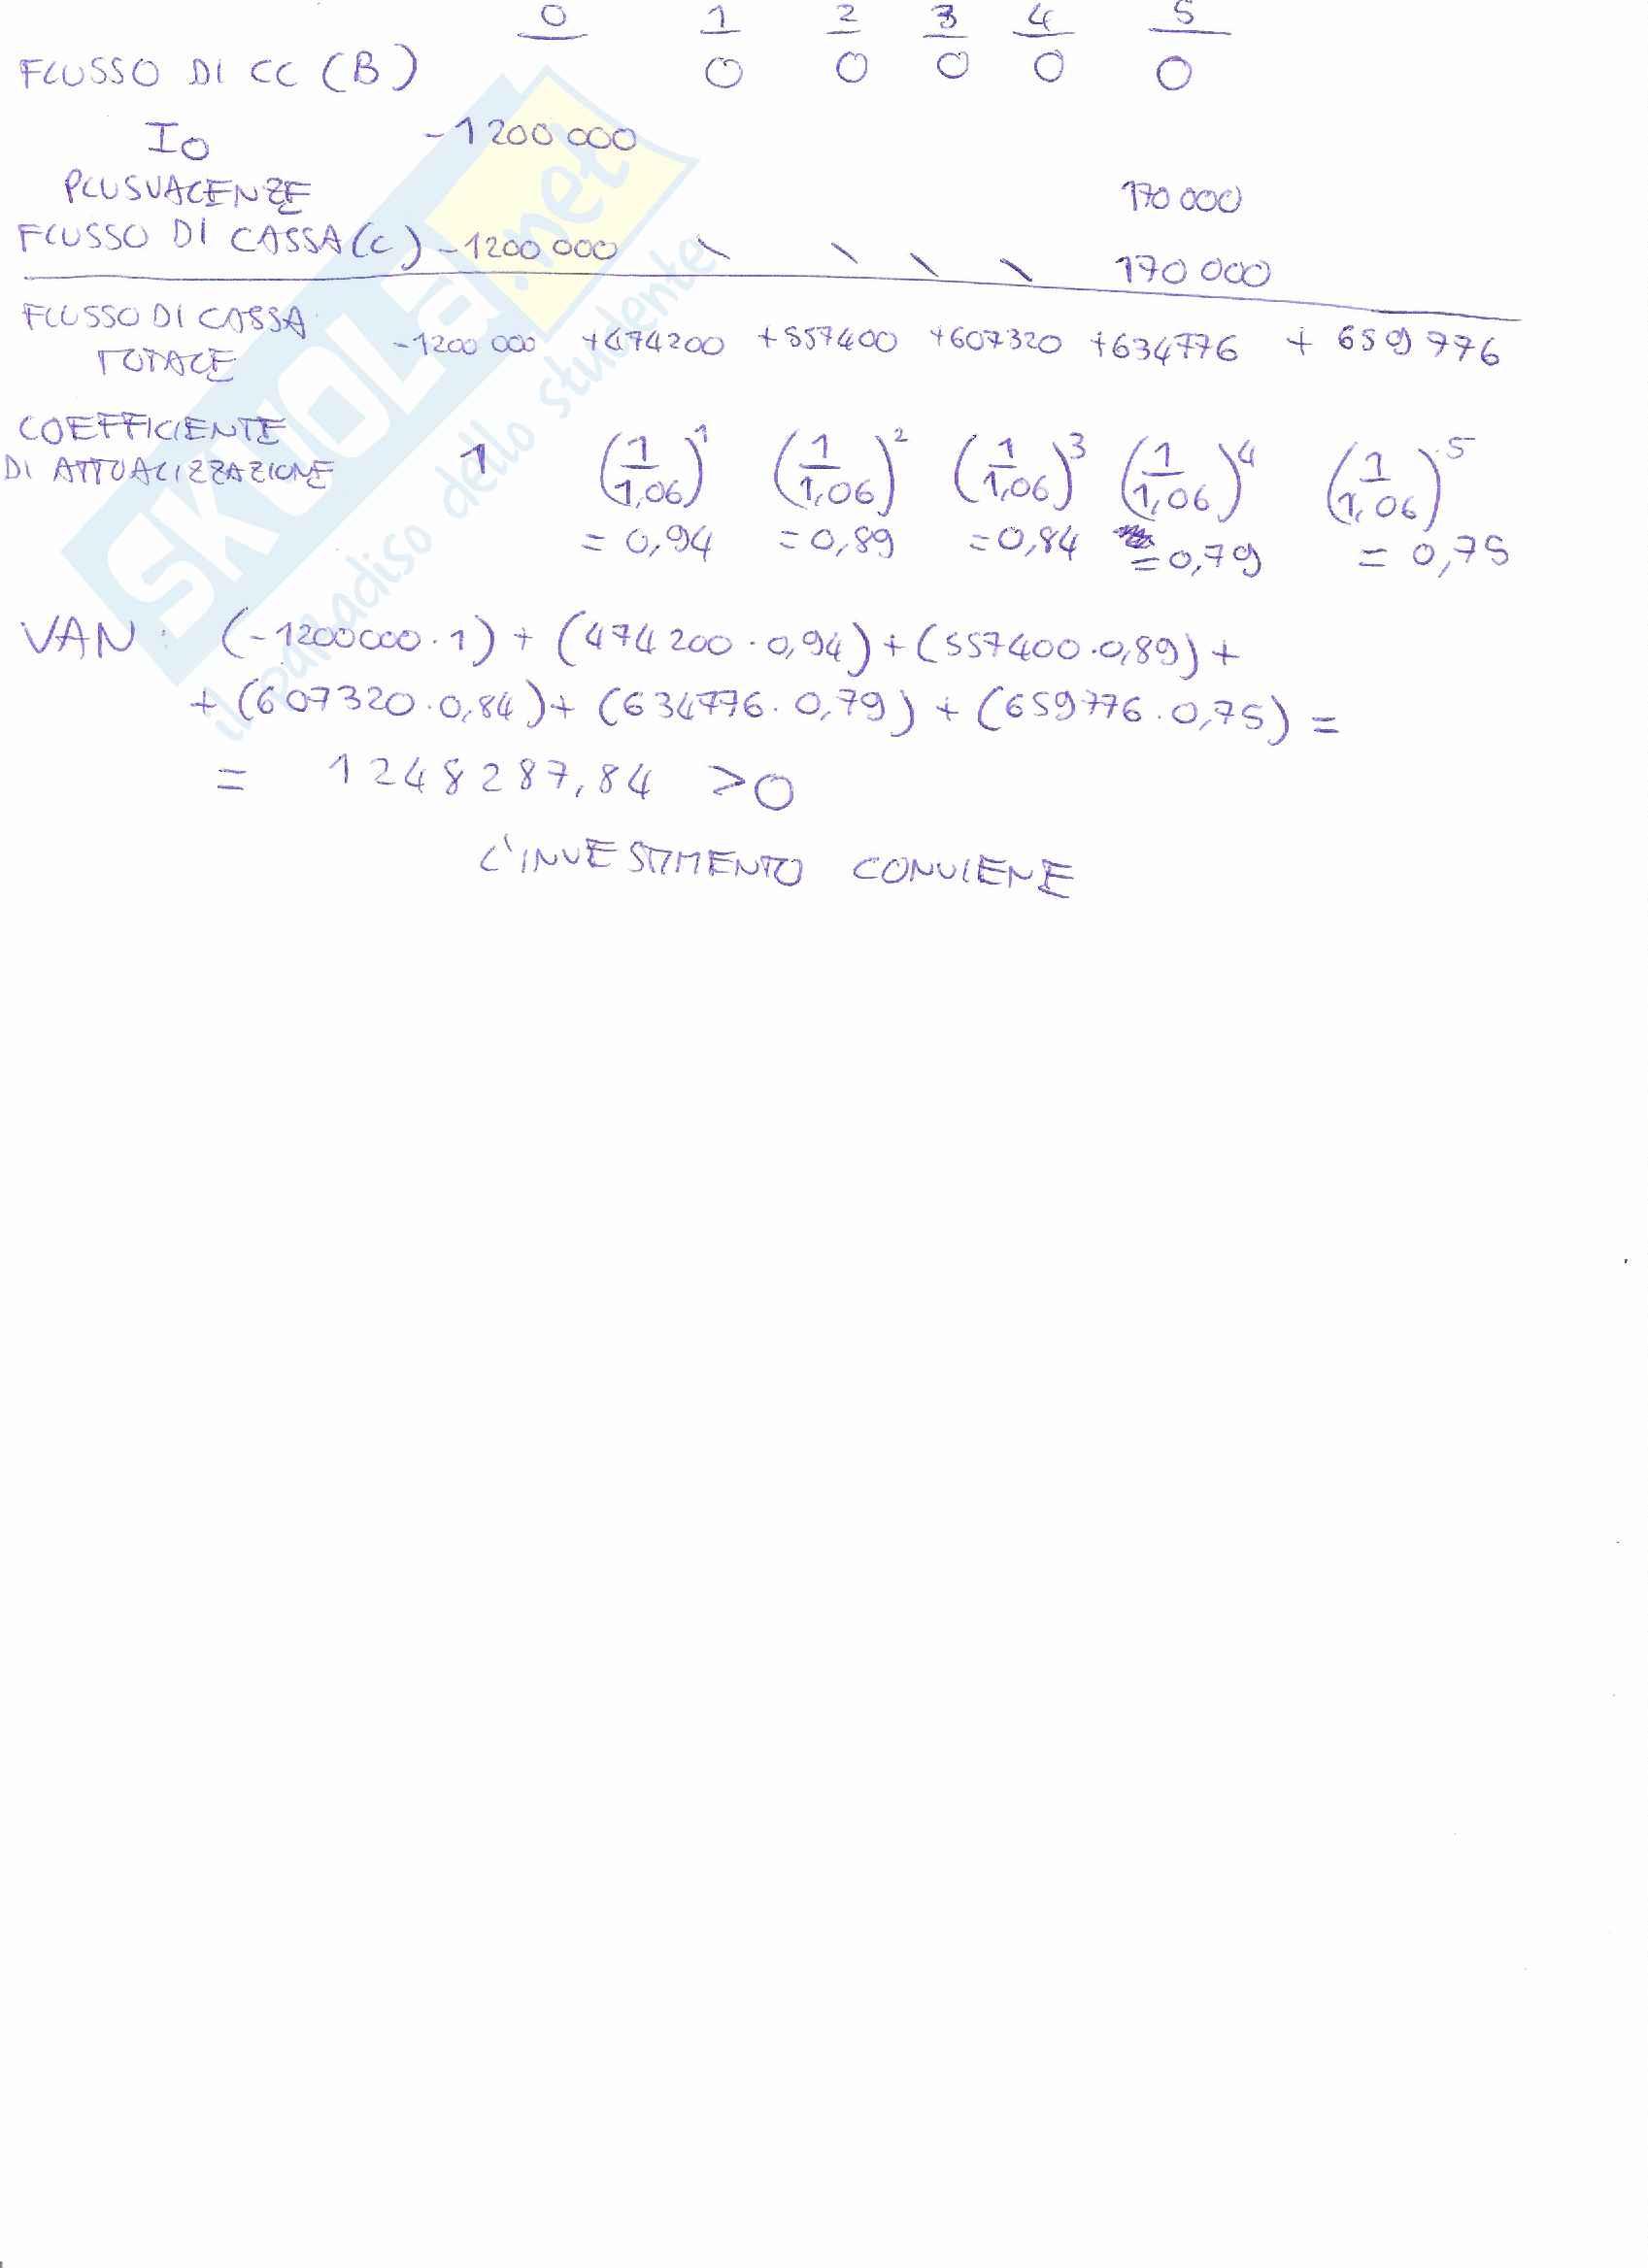 Fondamenti di Economia aziendale e dell'innovazione T - Simulazione esami Pag. 26